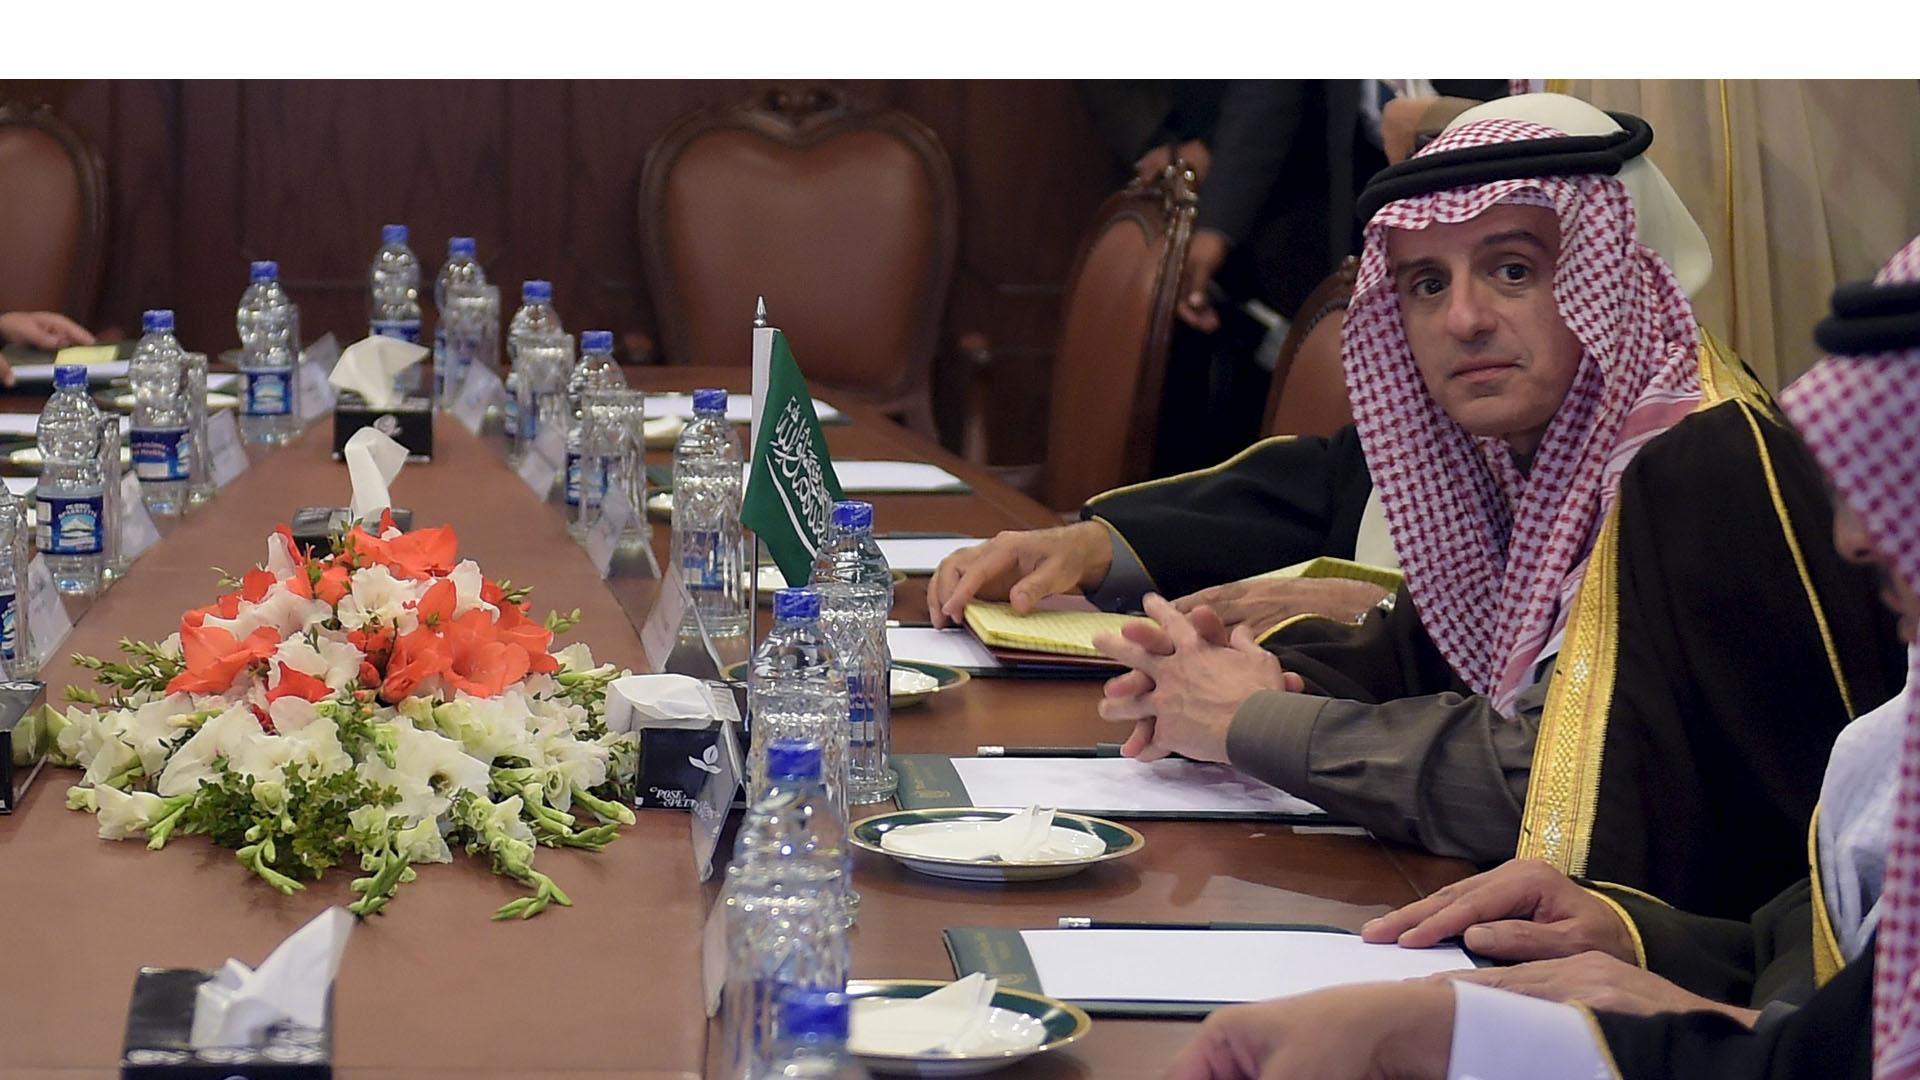 El asesor de Exteriores pakistaní, Sartaj Aziz dijo que objetivo principal es crear las condiciones para llevar a los grupos talibanes a la mesa de negociaciones